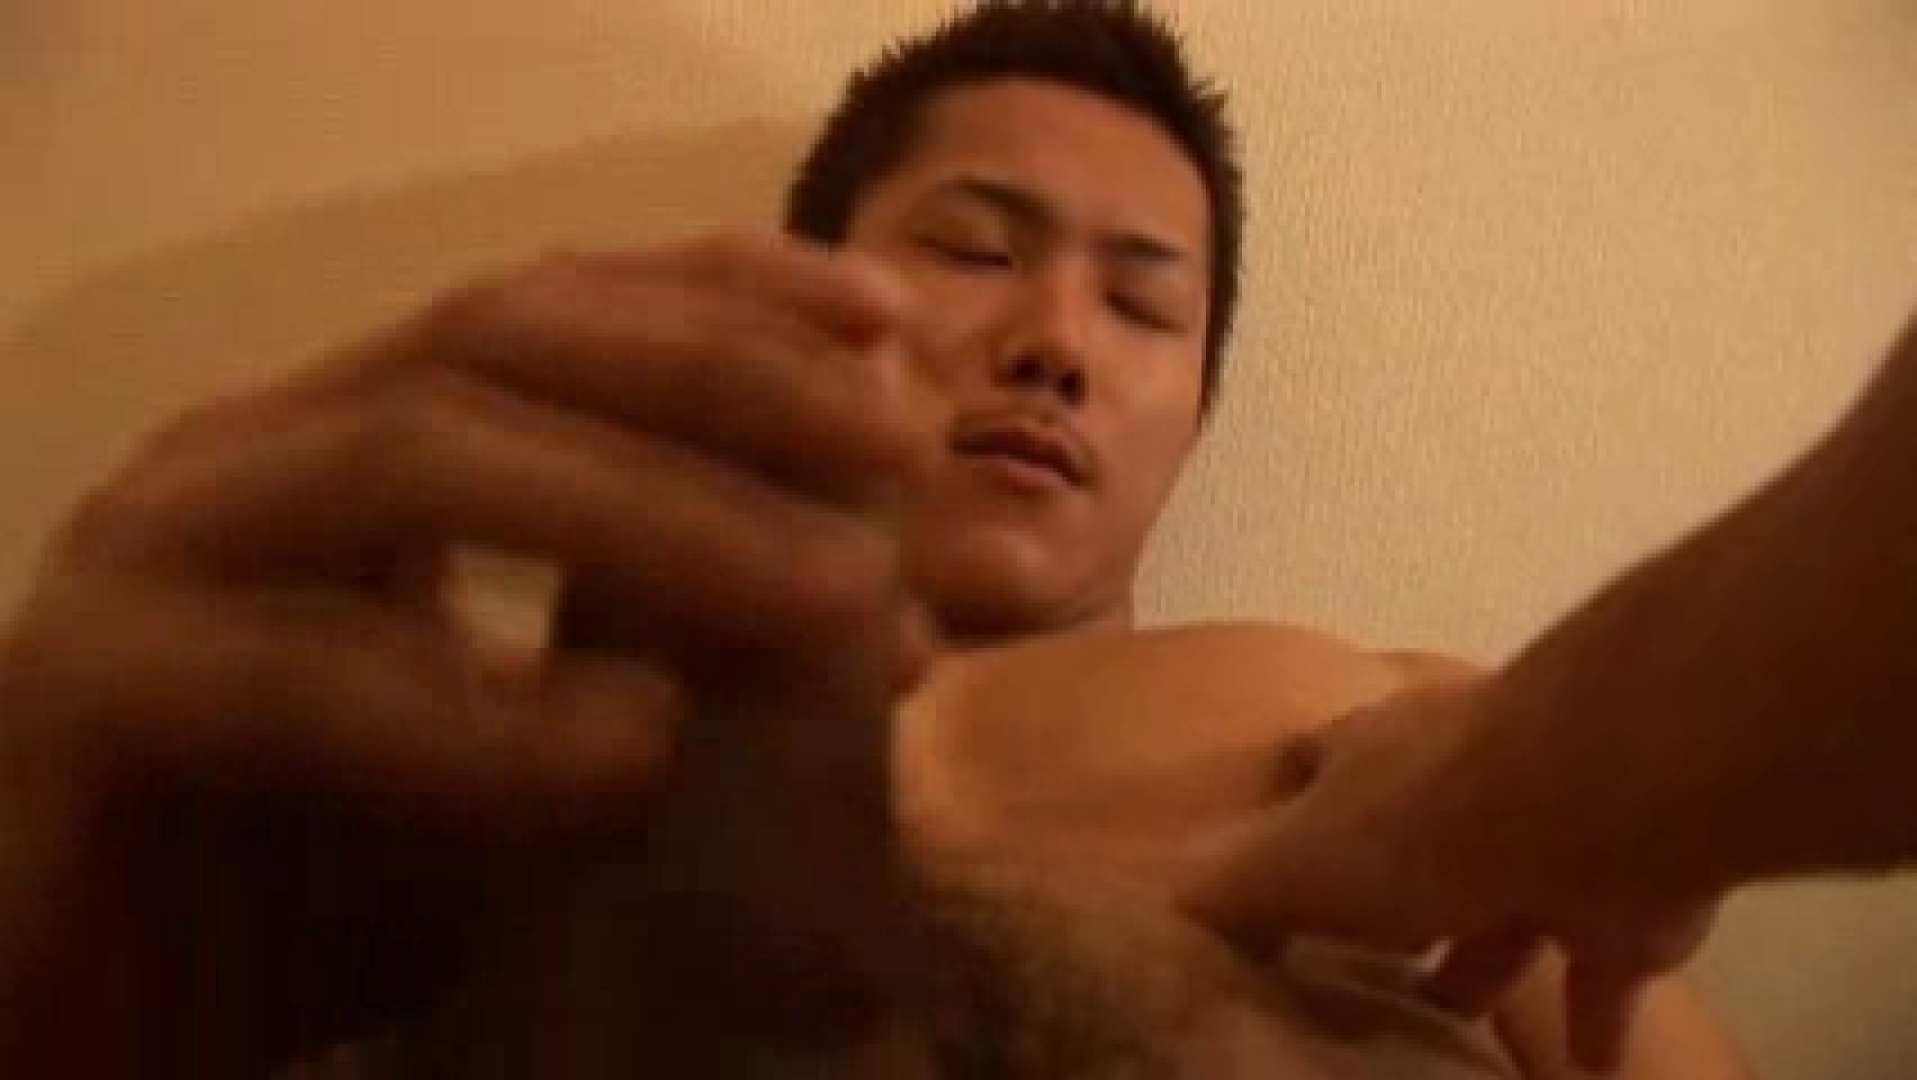 イケメン!!炸裂 Muscle  Stick!! その3 オナニー ゲイ無料エロ画像 110pic 15